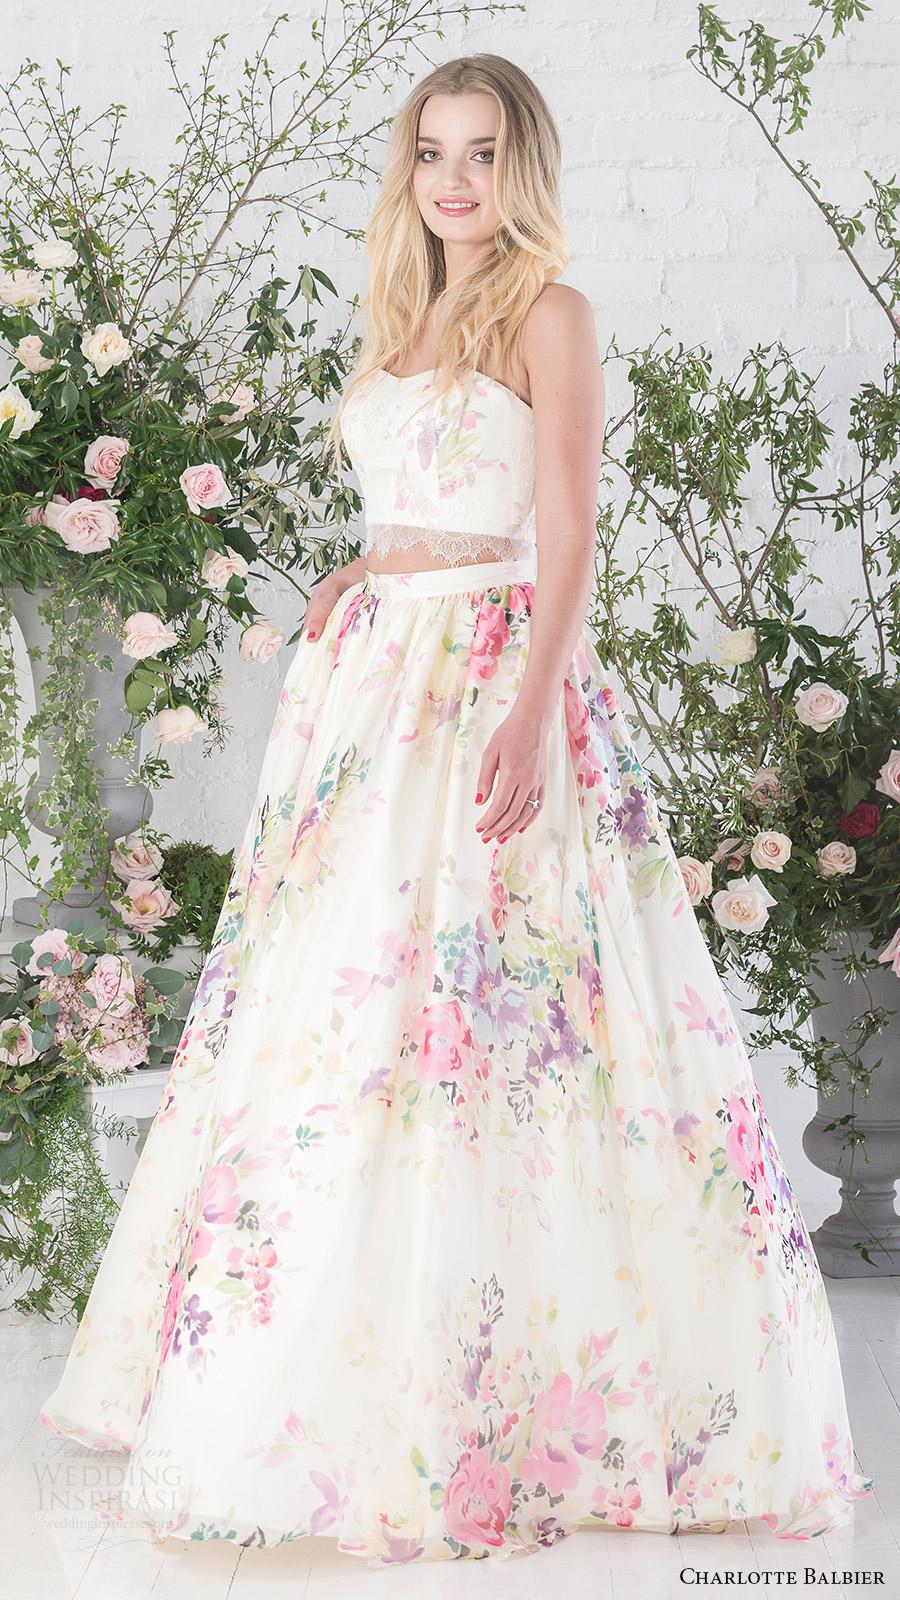 Charlotte Balbier 2017 Wedding Dresses - BridalPulse